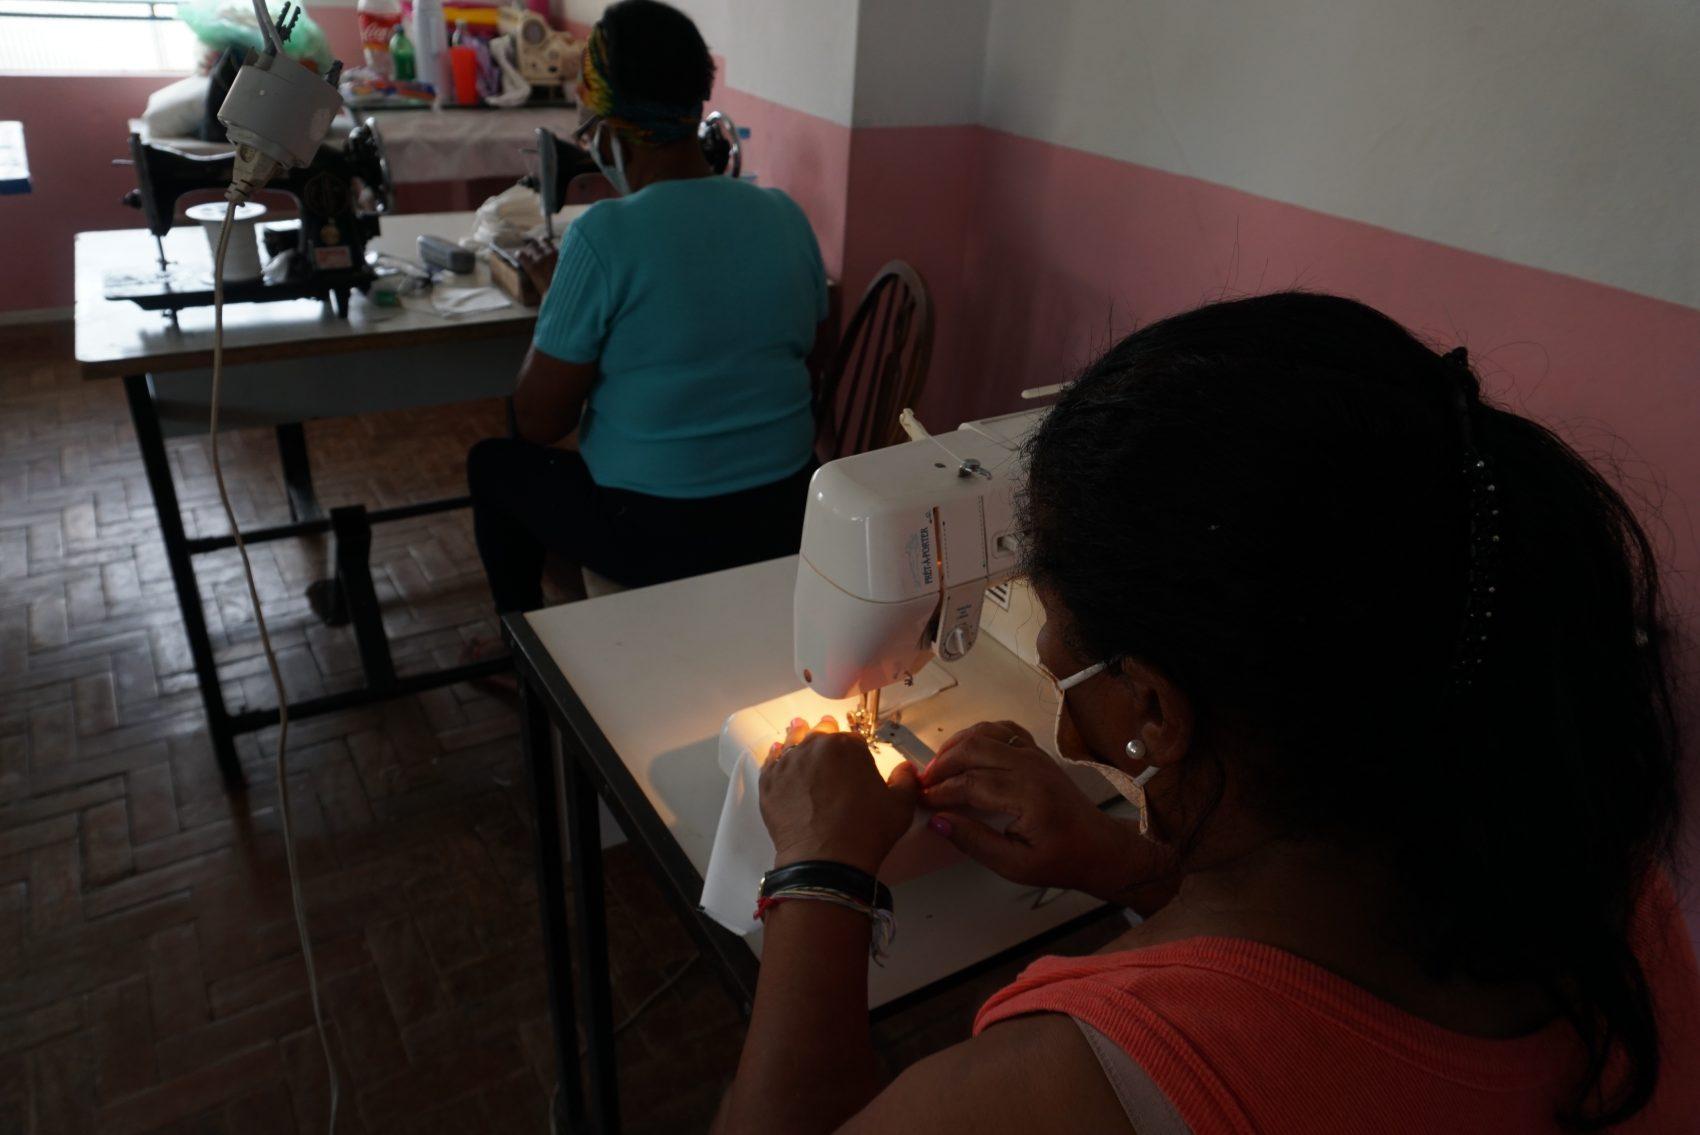 Máscaras caseiras são produzidas nas próprias comunidades para distribuição nos locais de maior vulnerabilidade